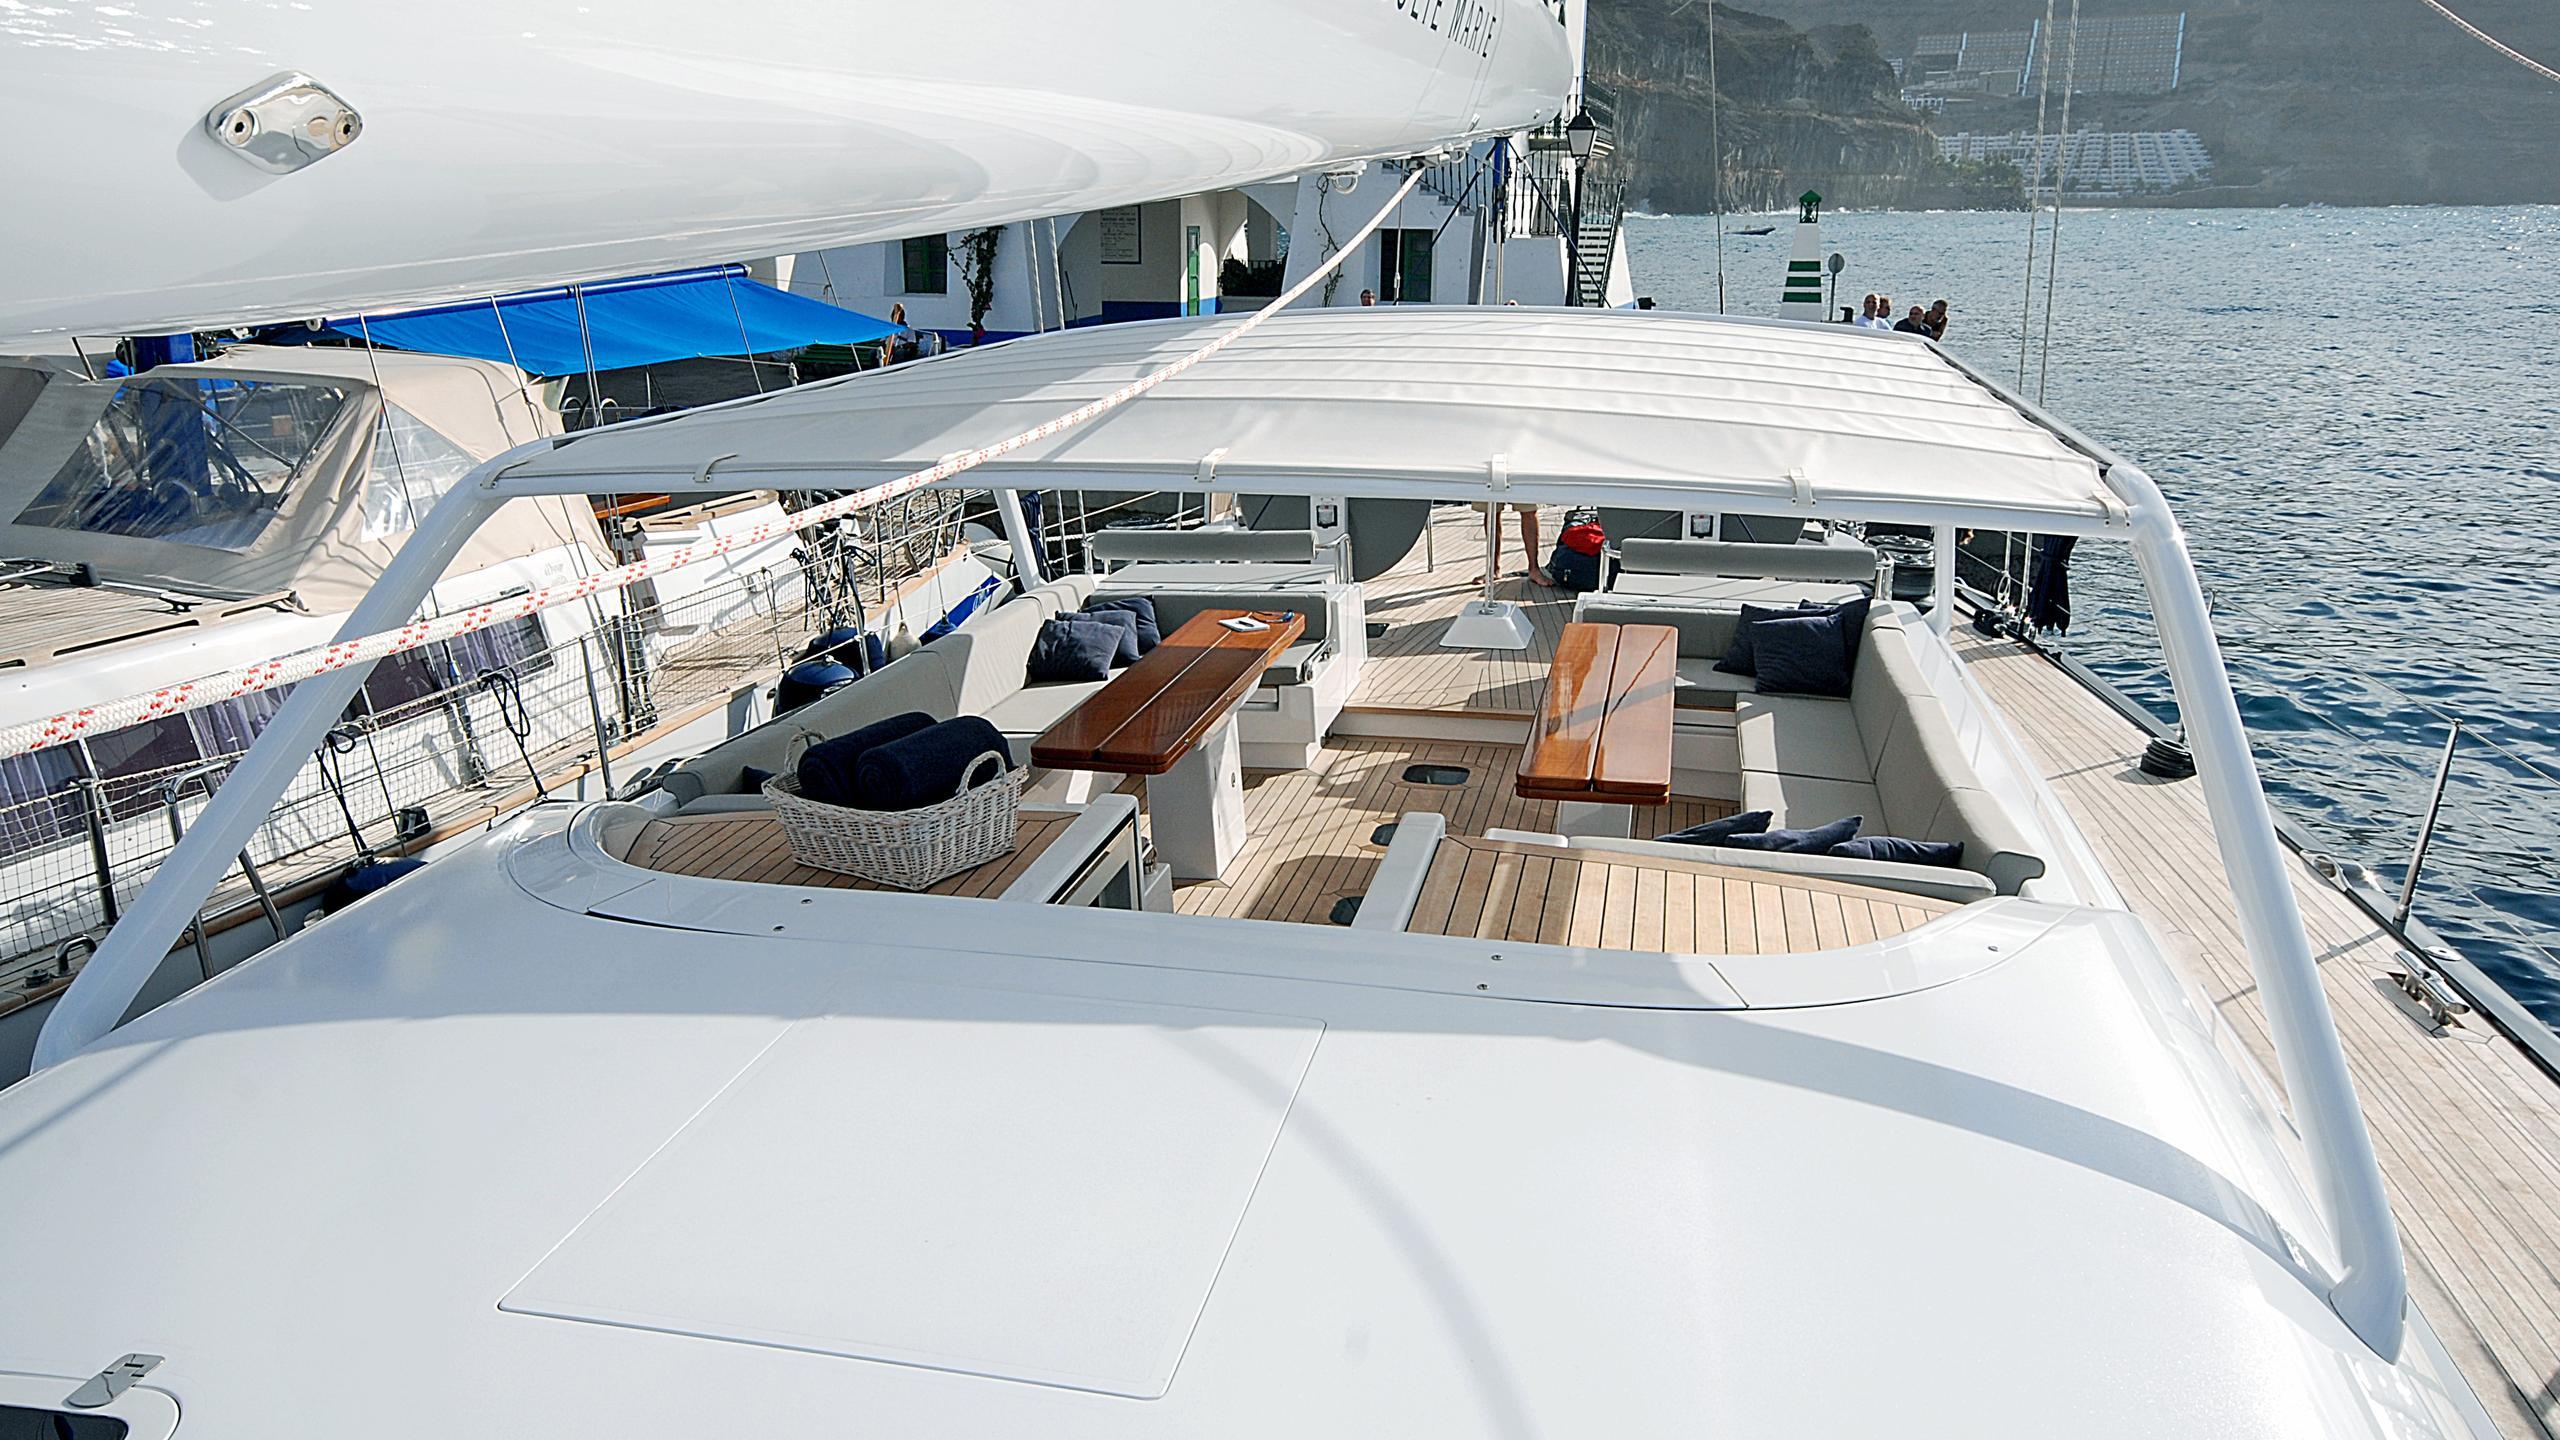 rusalka-yacht-main-deck